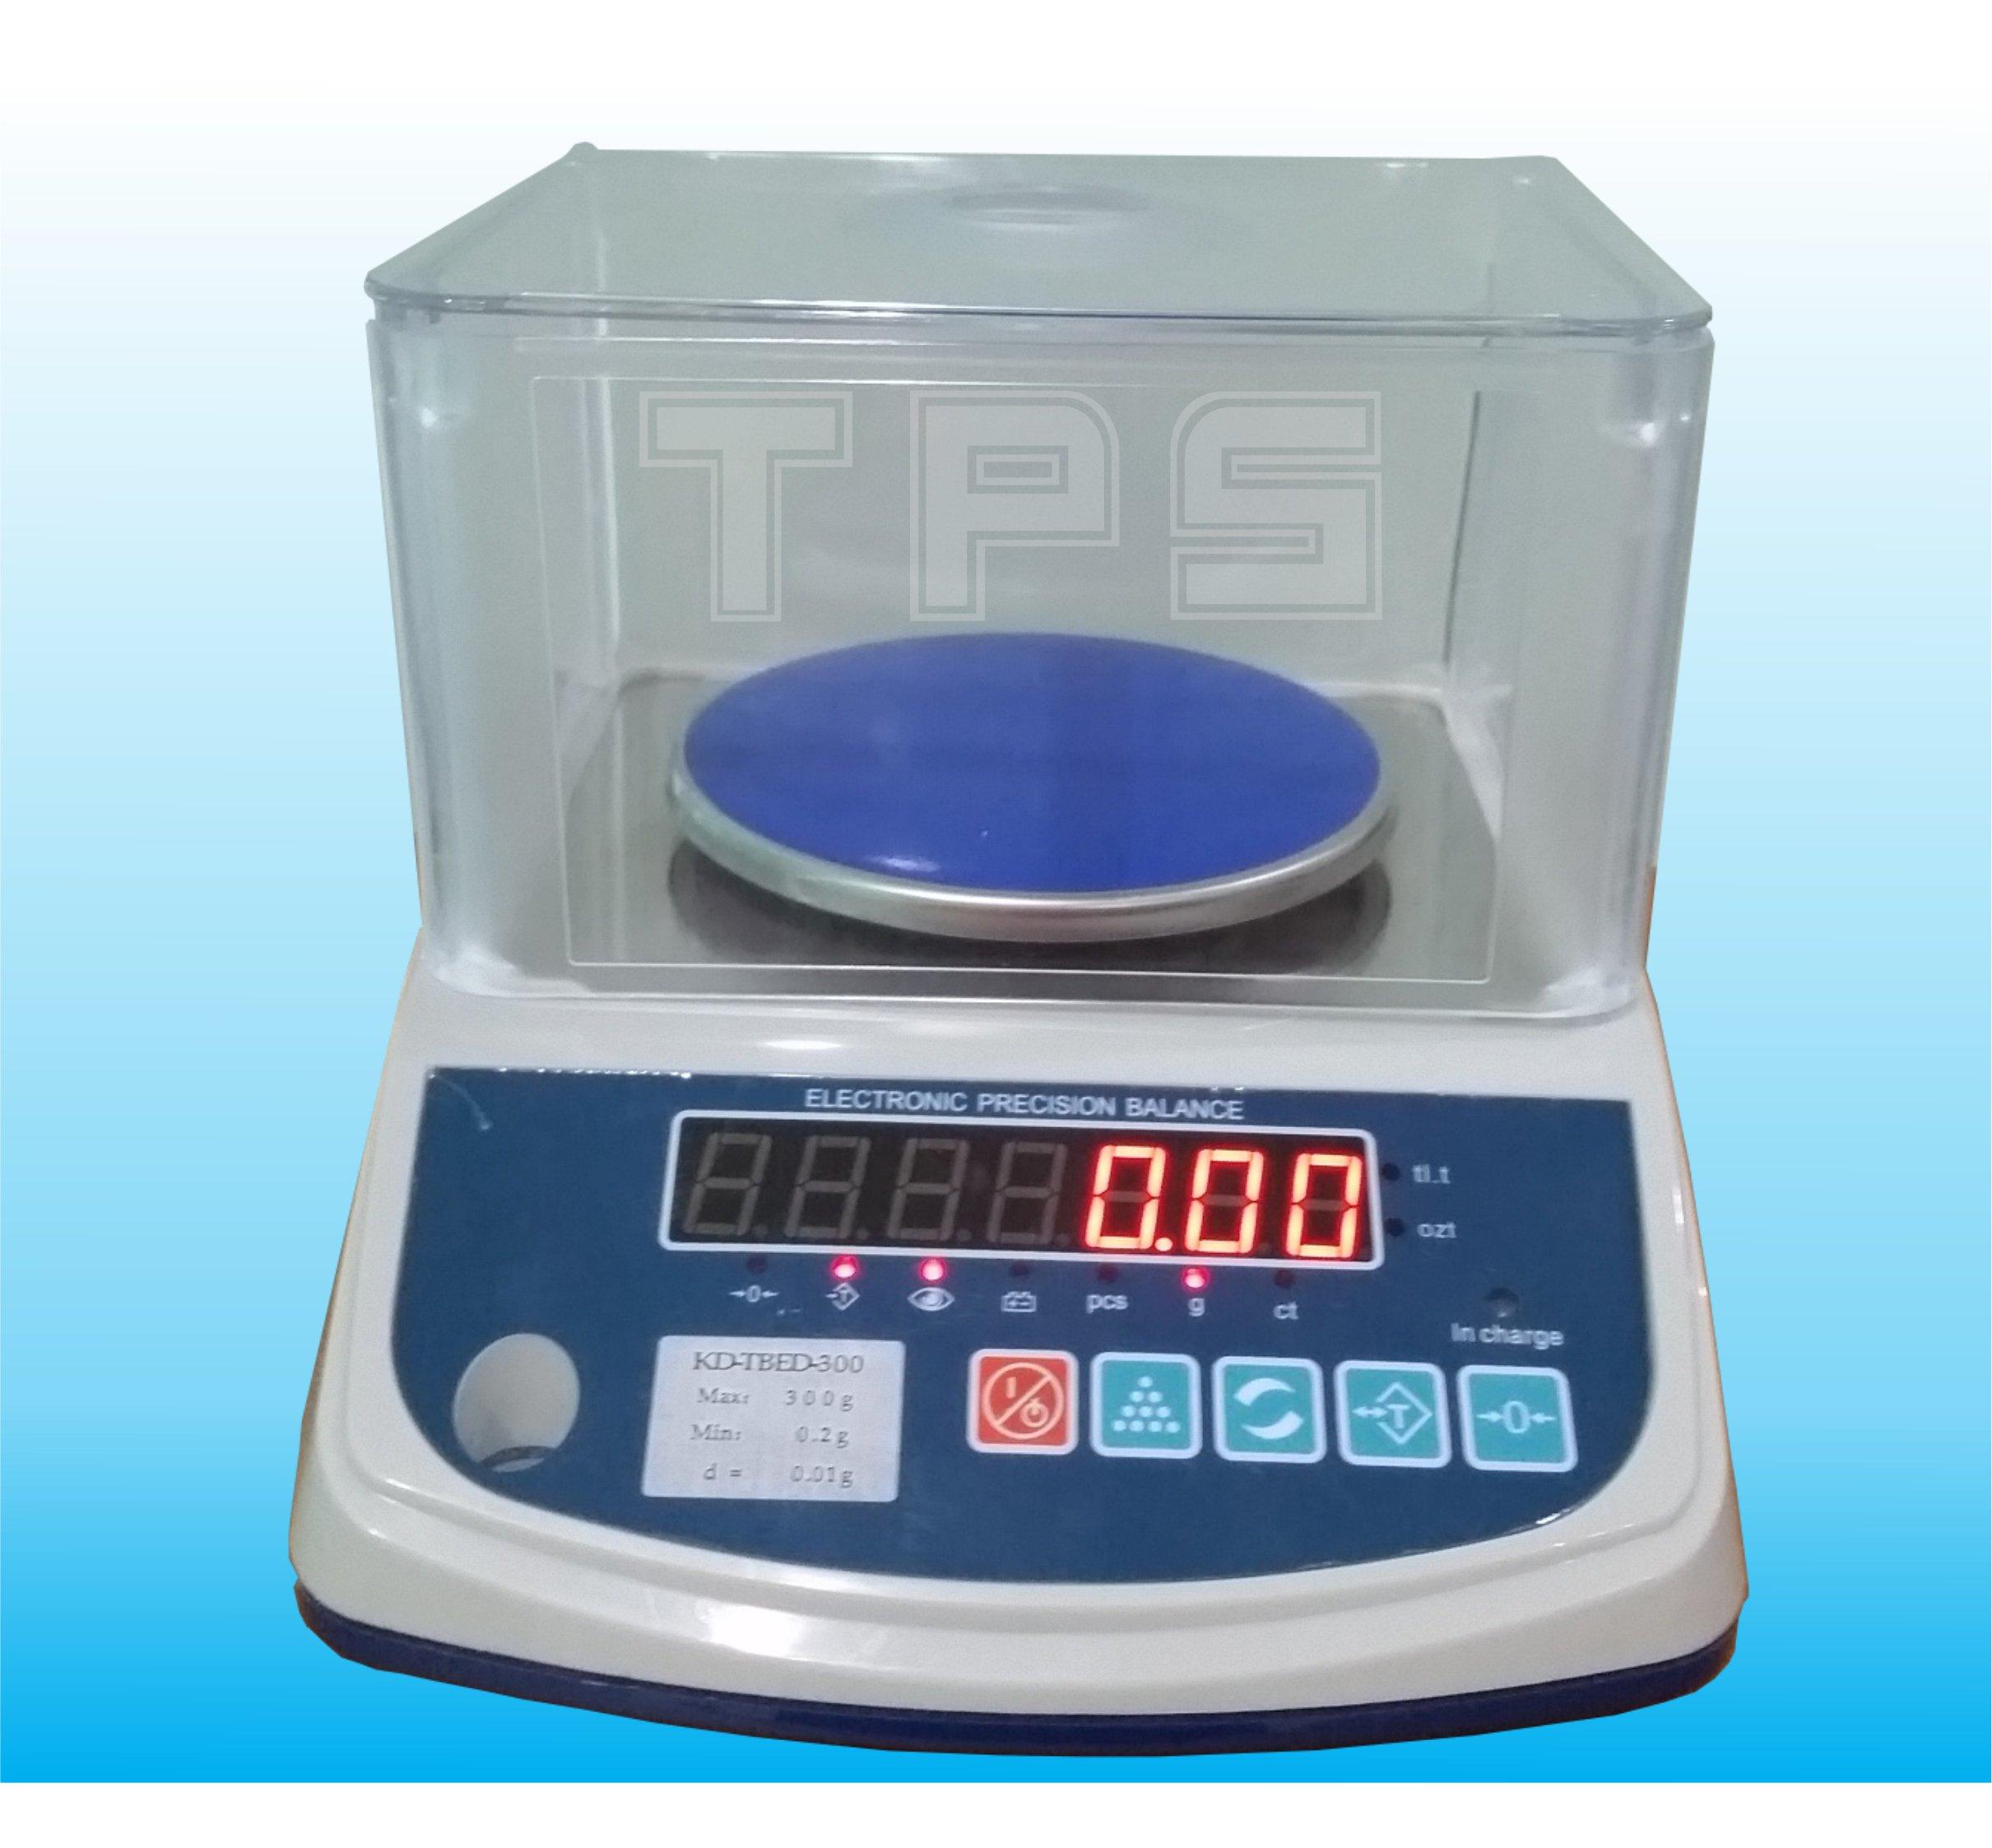 Cân Kỹ Thuật - KD-TBED150(150g/0.005g) - 1024